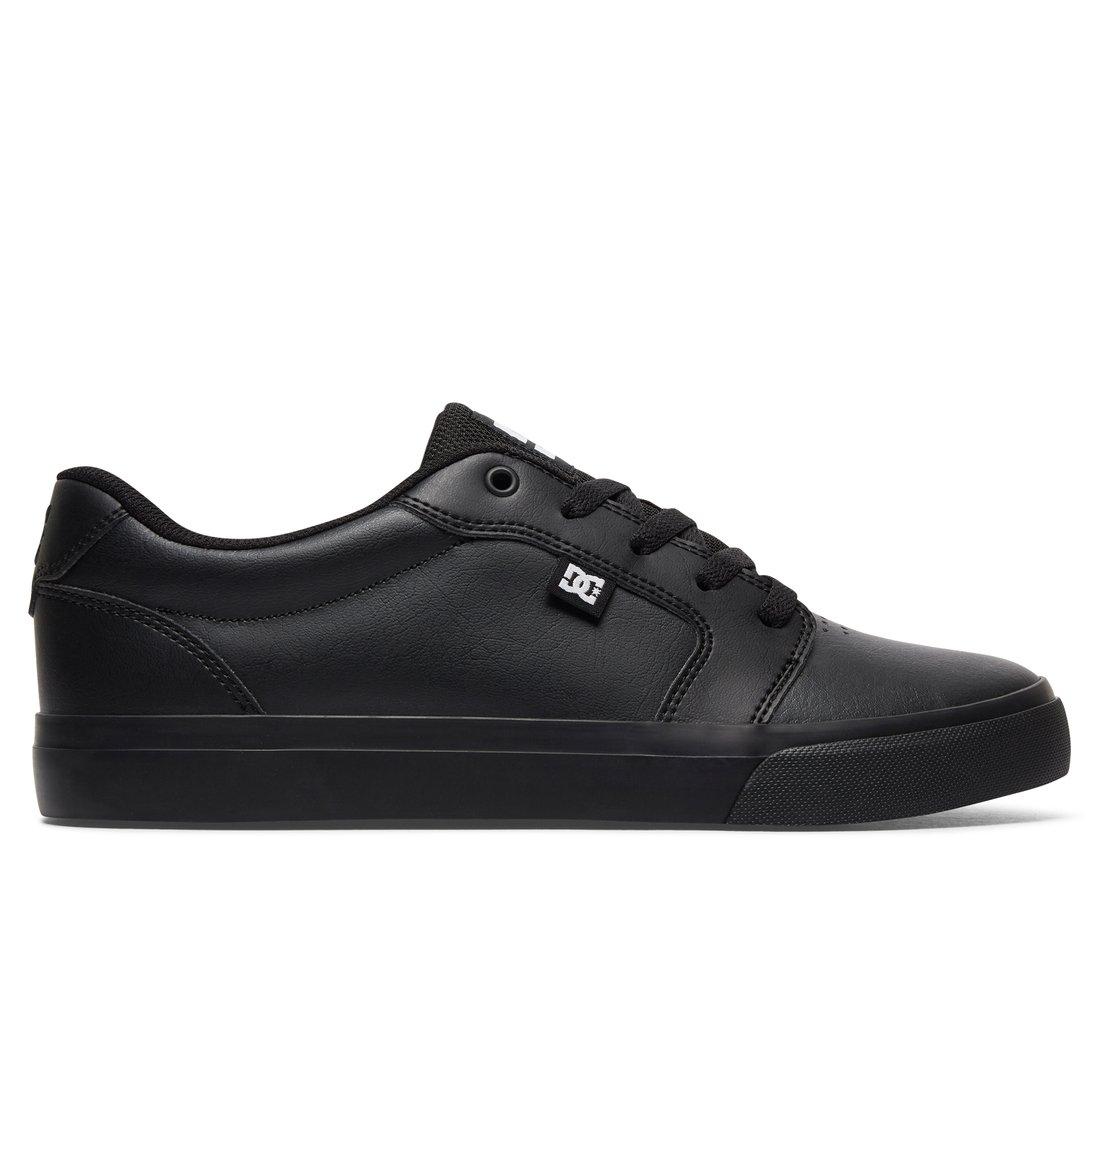 Dc Anvil Se- Black/White/Orange sneakers